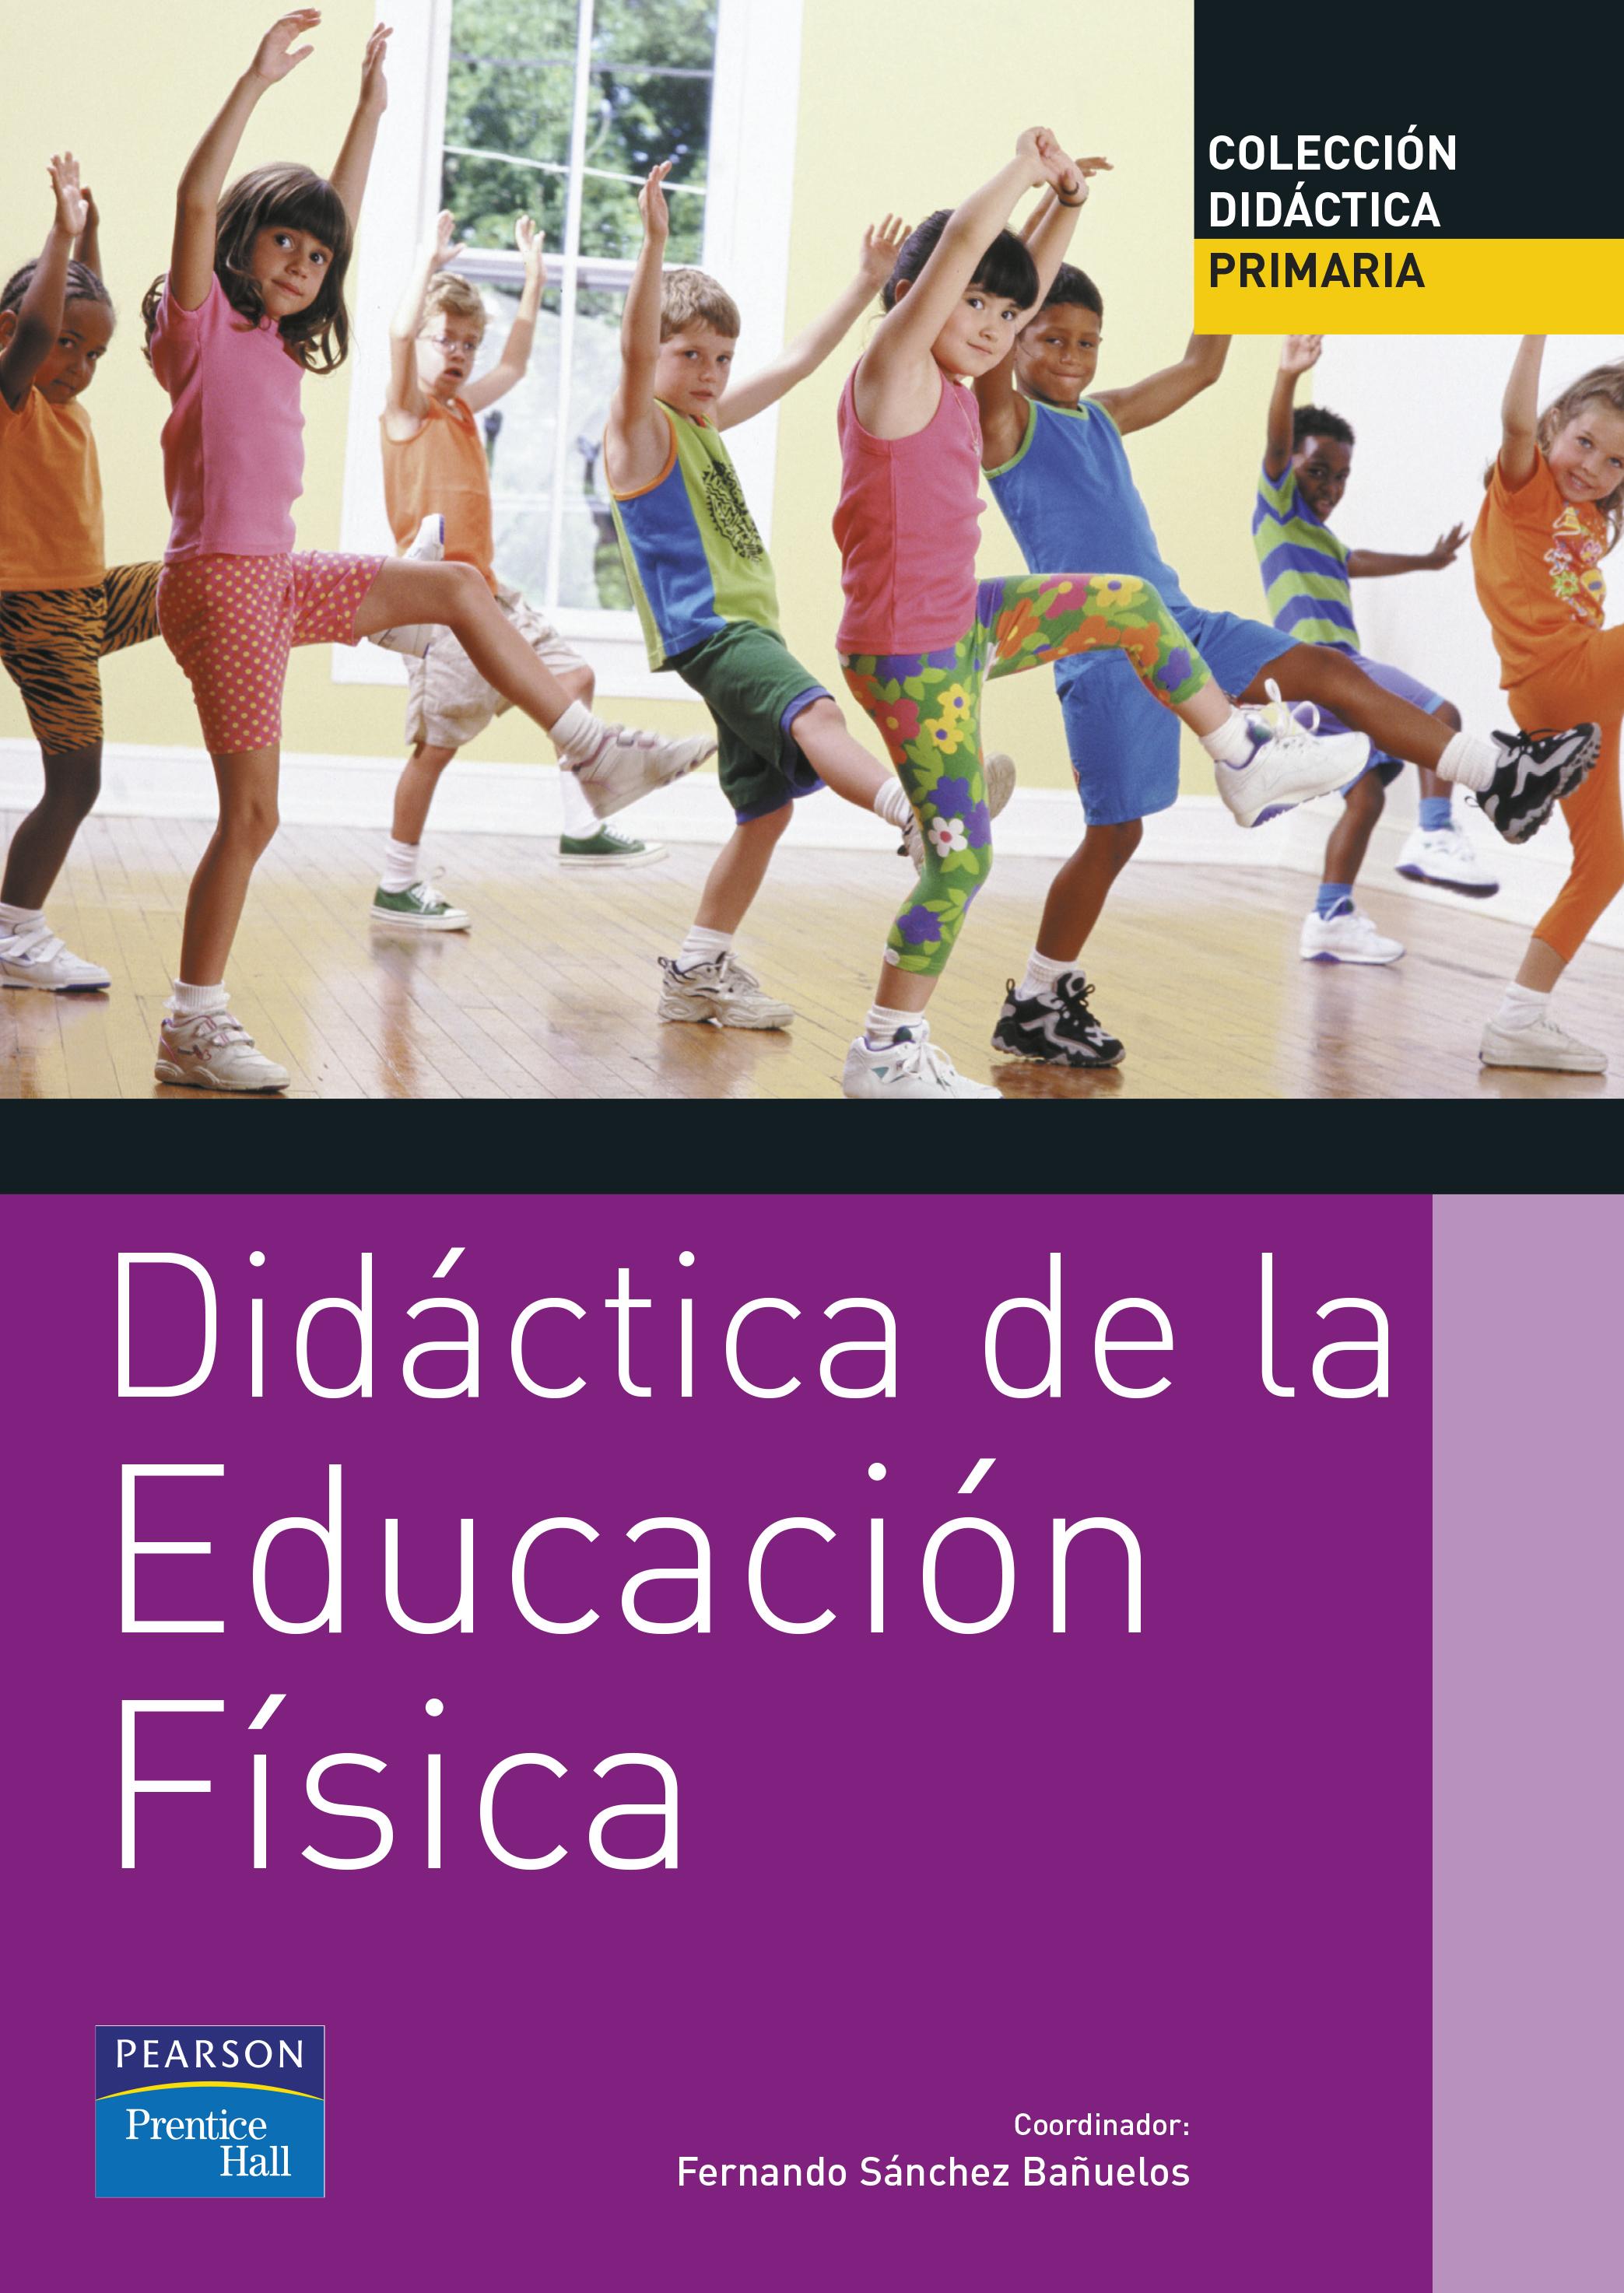 DIDÁCTICA DE LA EDUCACIÓN FÍSICA